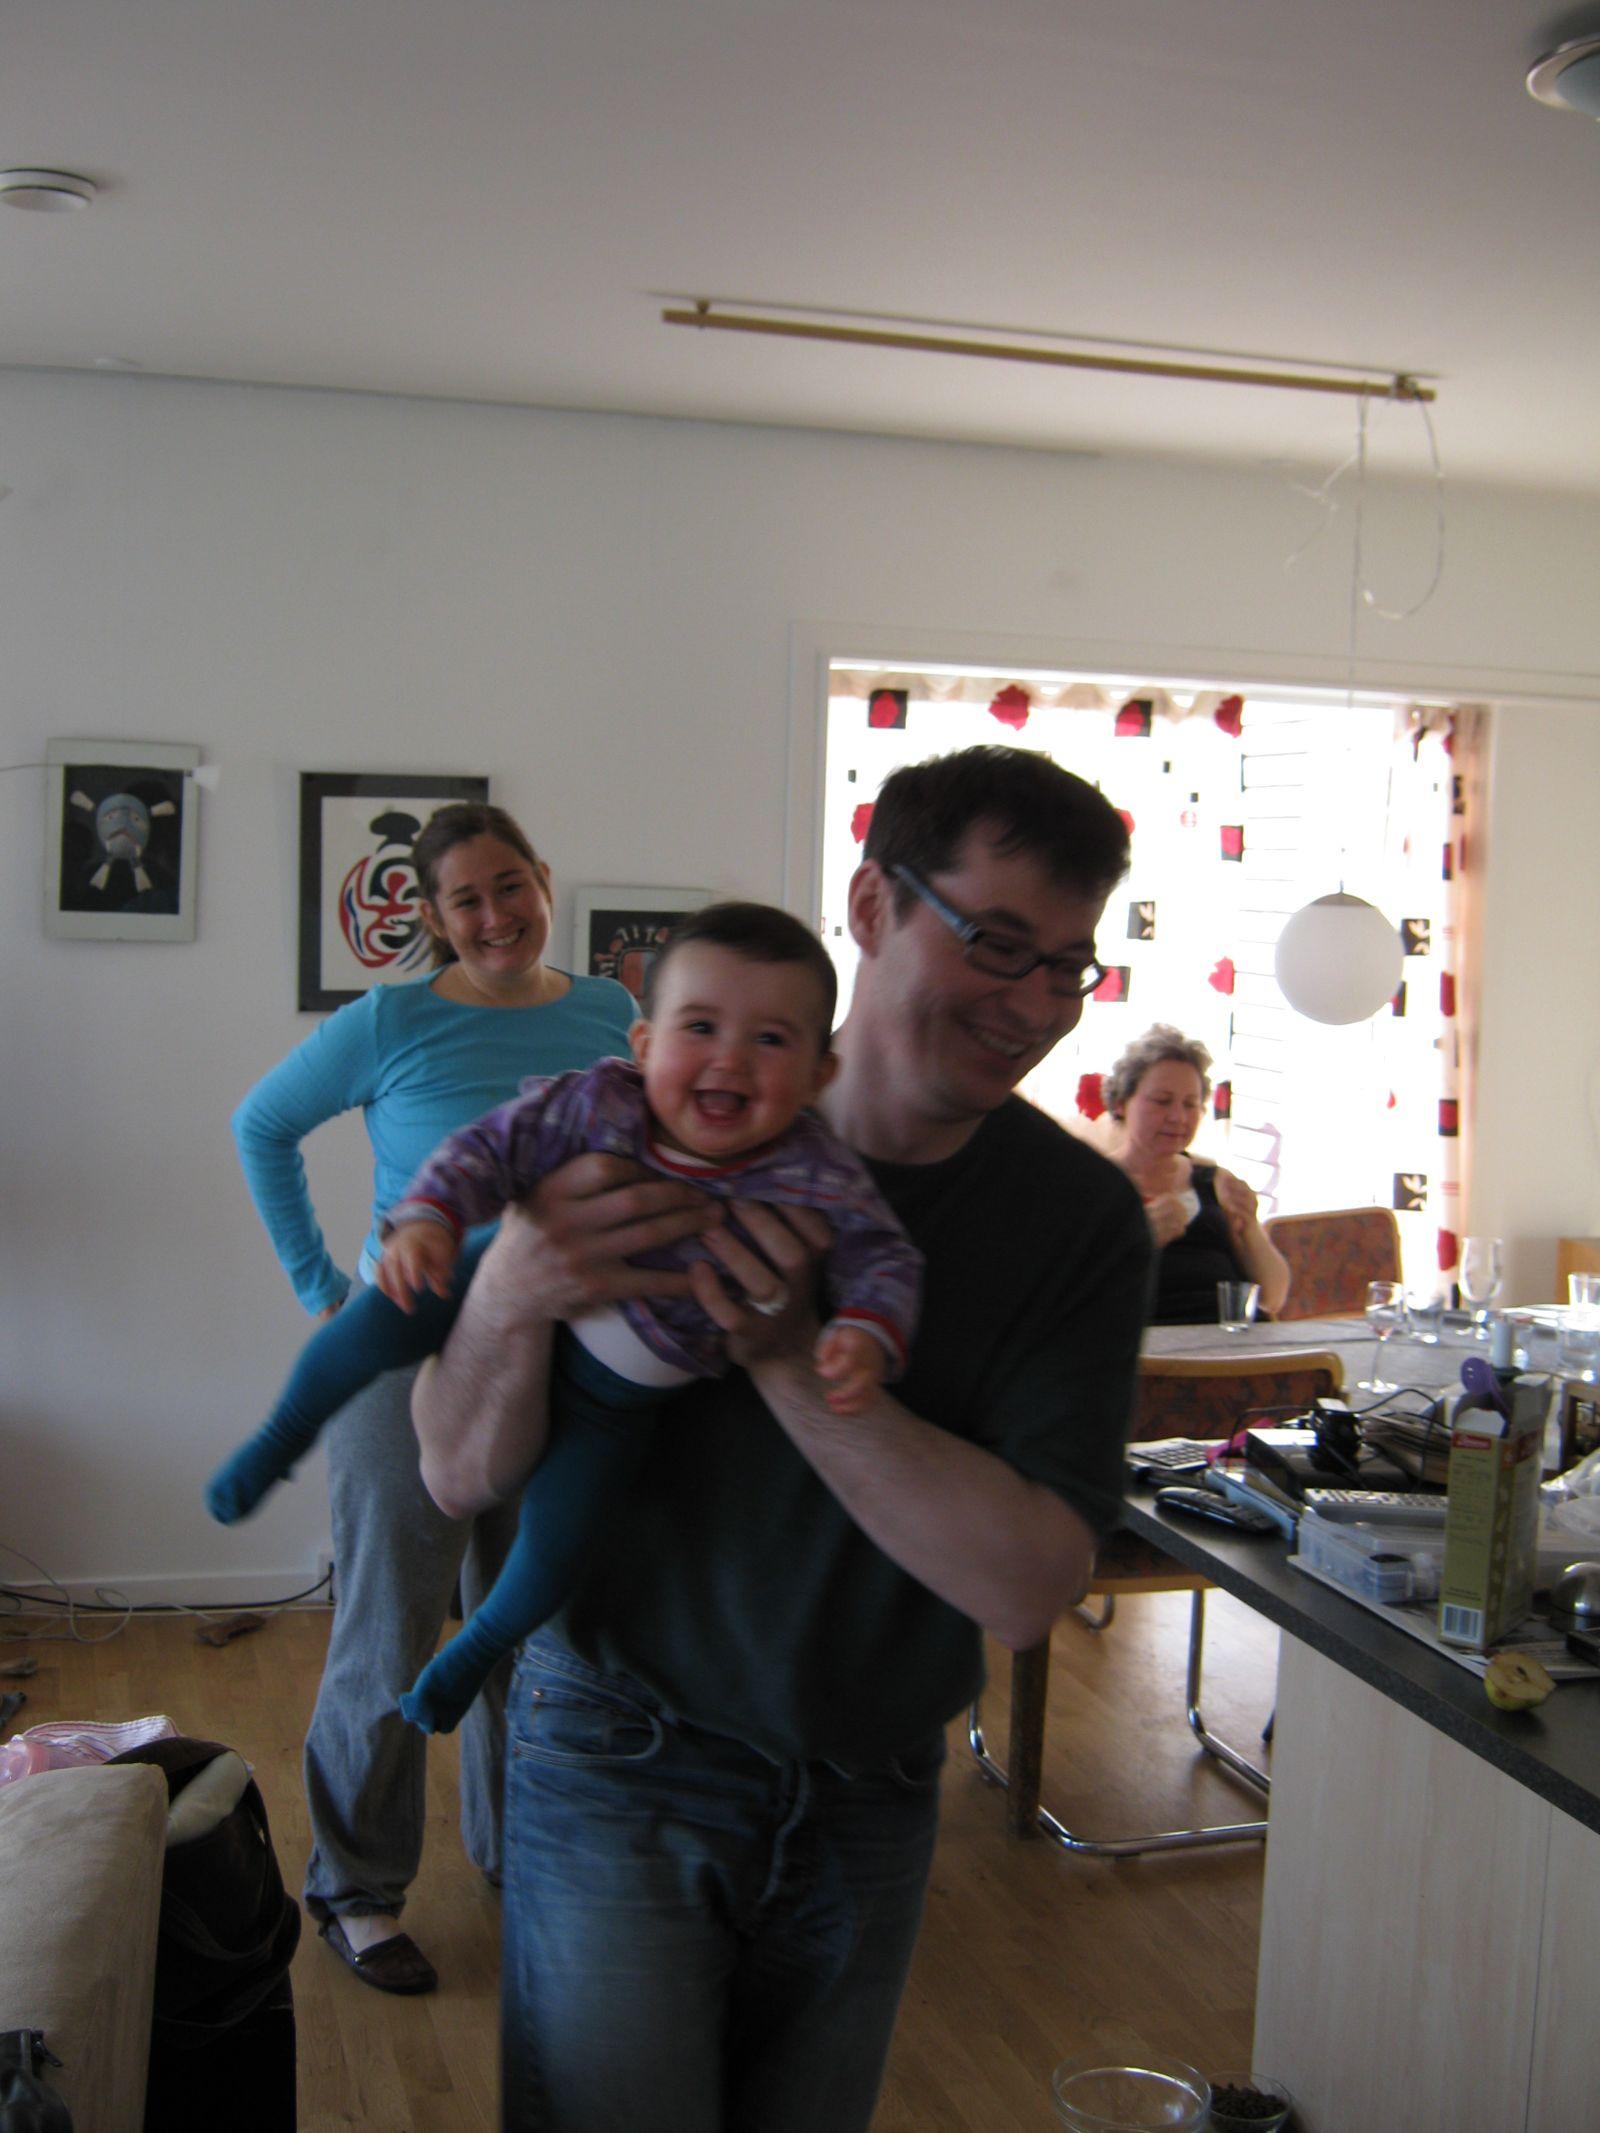 2009-06-19-2016_Jesper Eugenius Labansen; Maritha Eugenius Labansen; Mette Labansen; Qupanuk Eugenius Labansen_3